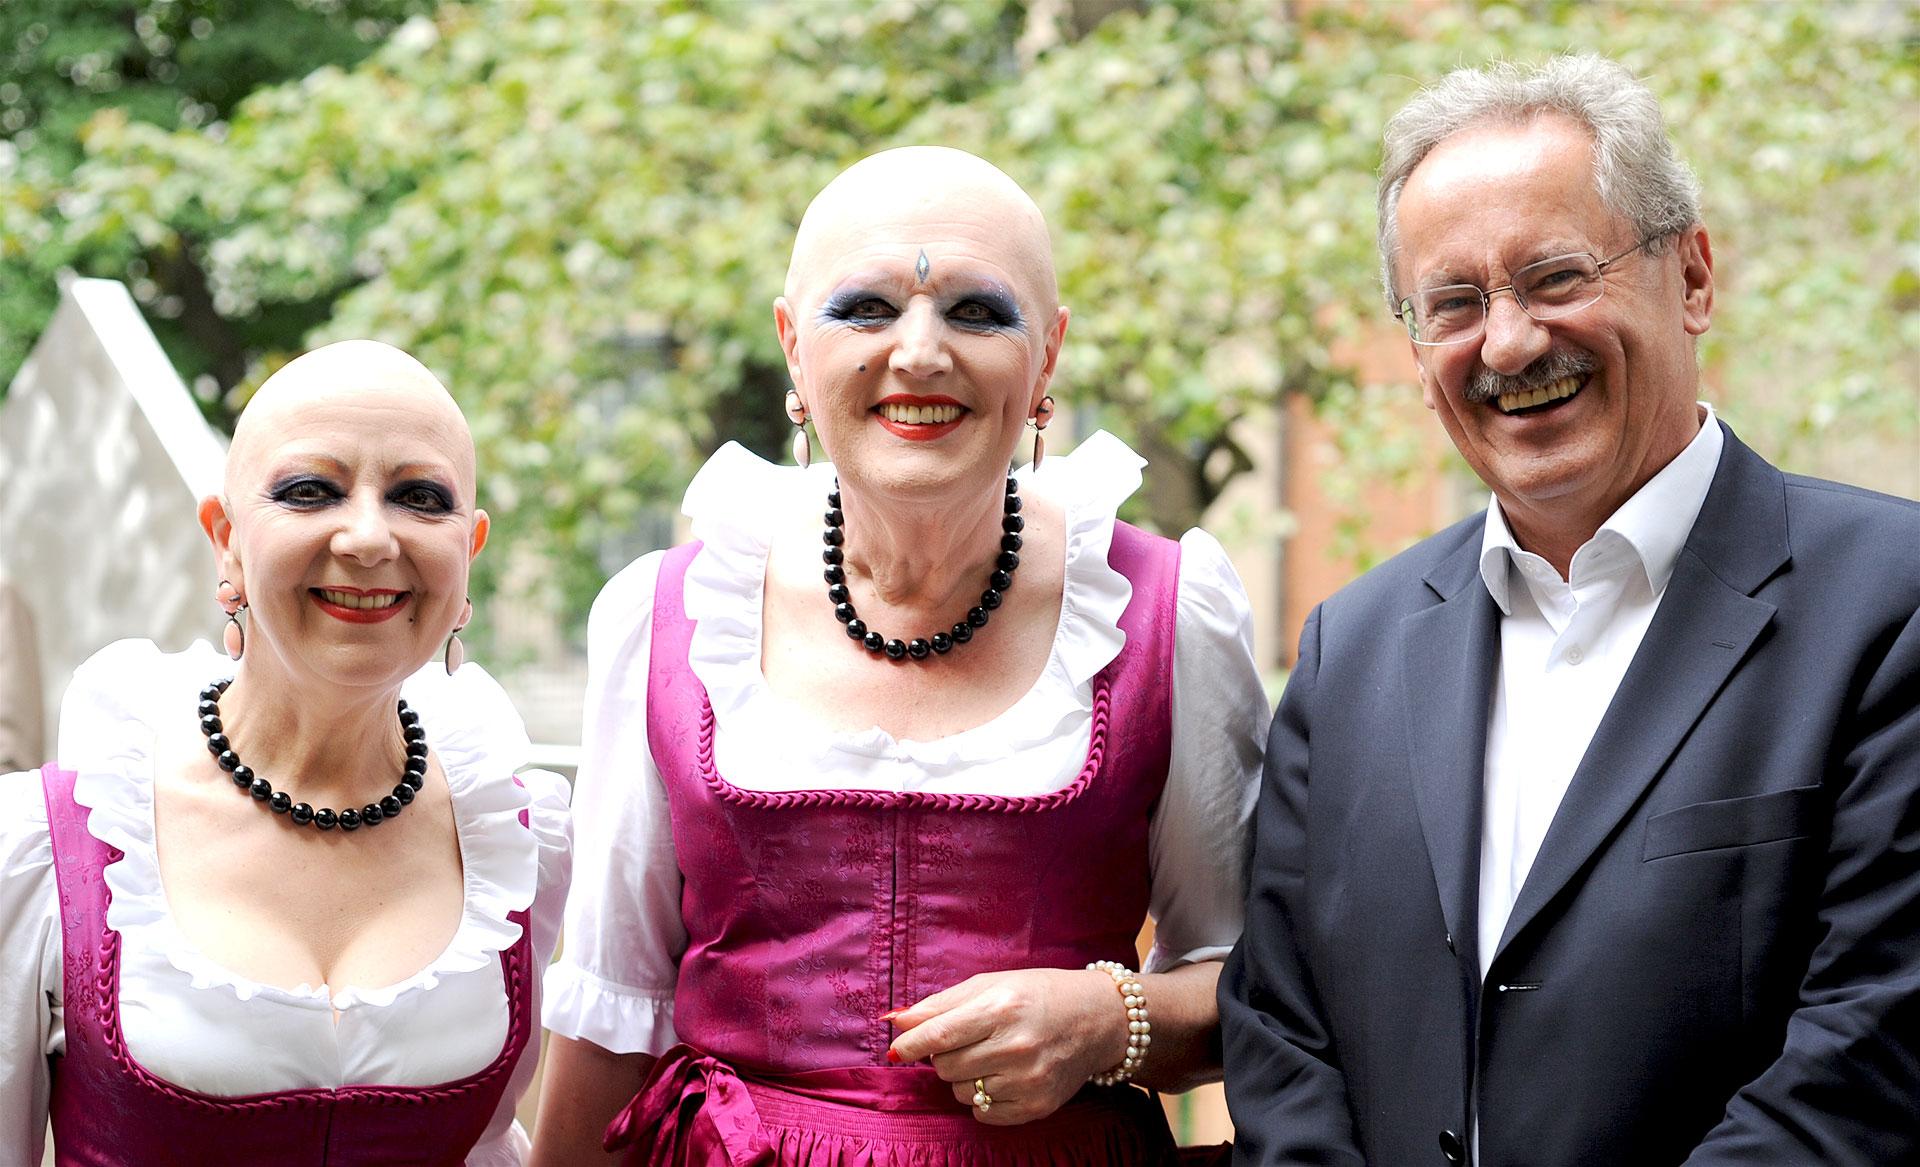 Eventfotografie München